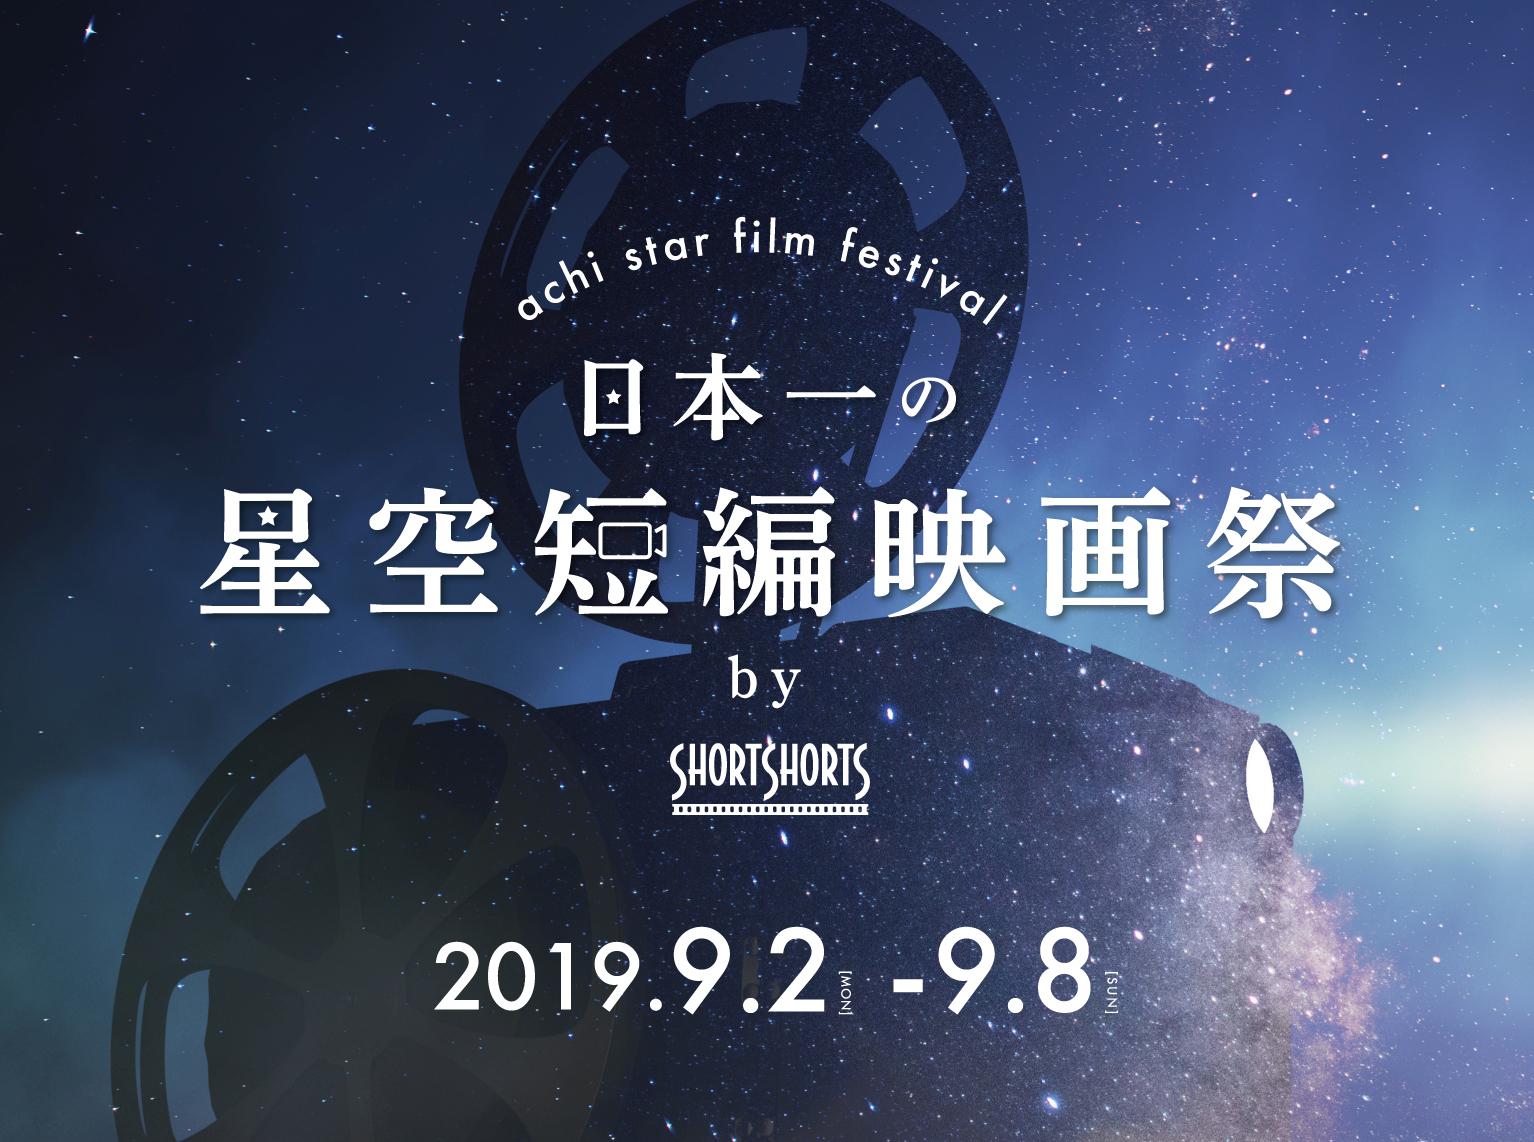 板野友美さんをゲストに迎え、横浜音祭り2019とShortshortsのコラ